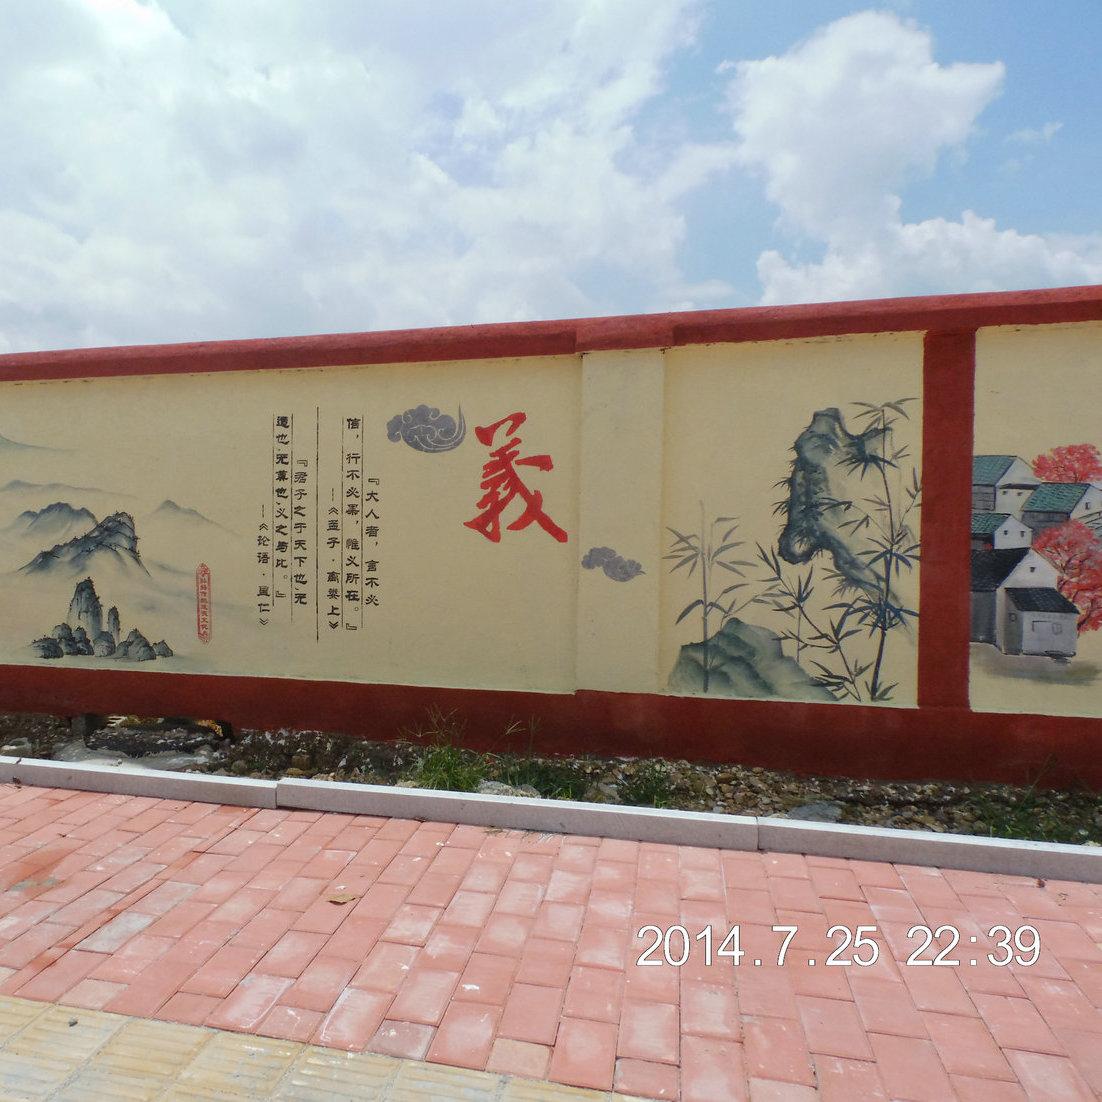 专业制作无锡墙体彩绘 连云港文化墙 南通企事业单位墙绘 扬州办公室背景墙手绘 常州大型商场地画彩绘